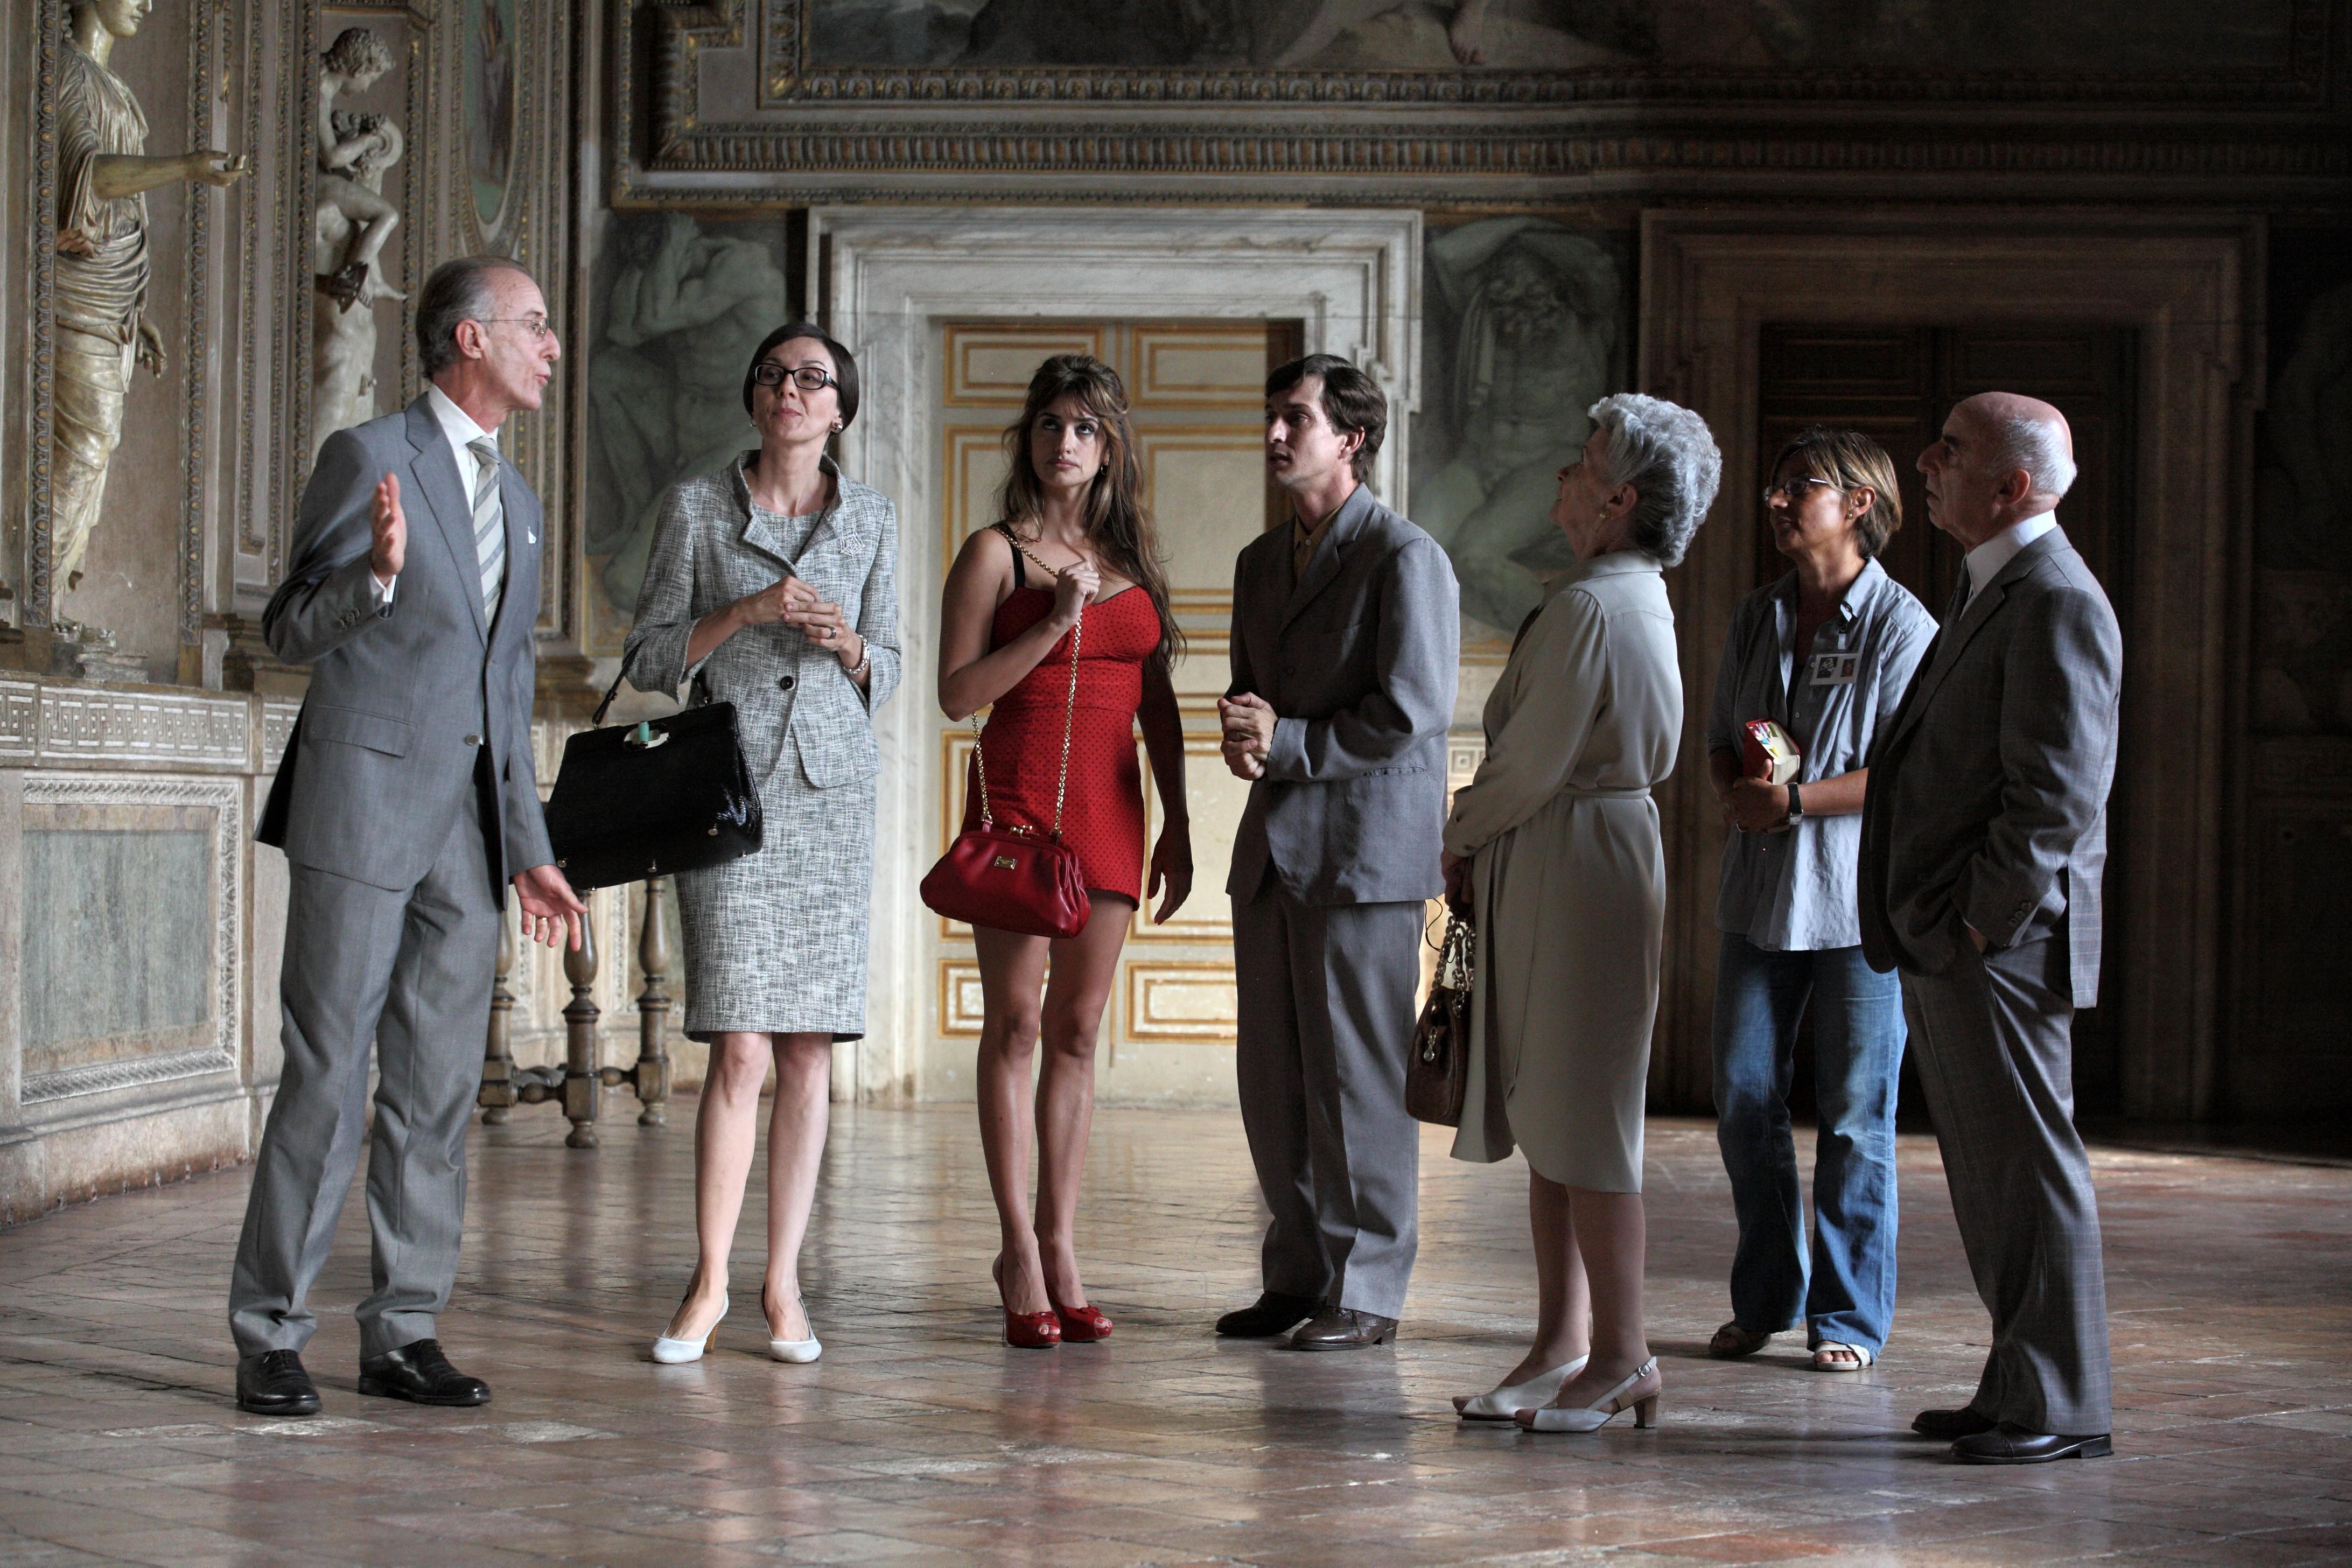 сексуальные голые итальянские фильмы онлайн хорошем качестве следует думать, что